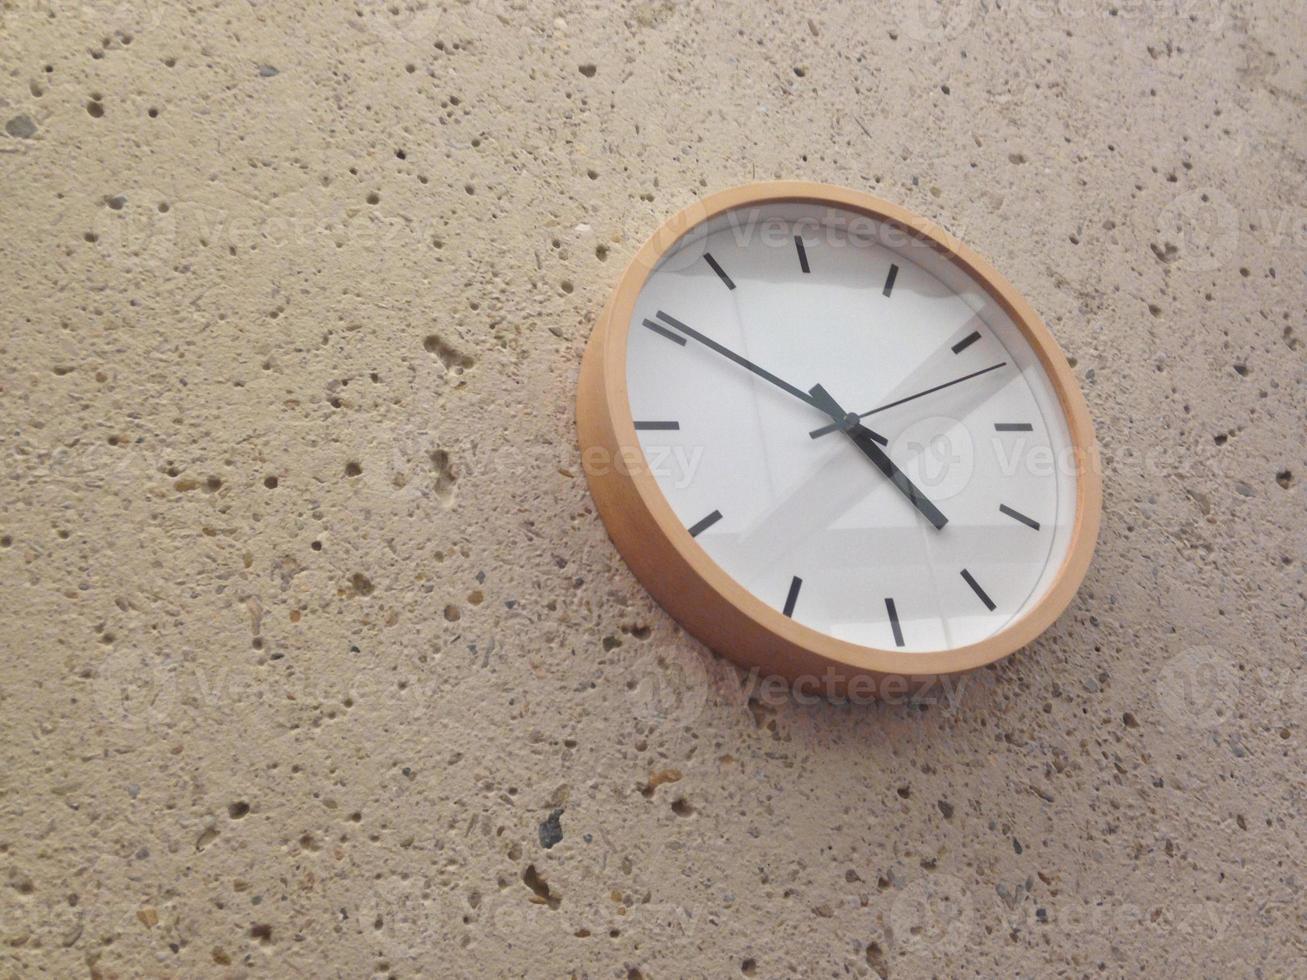 semplice orologio da parete analogico classico foto